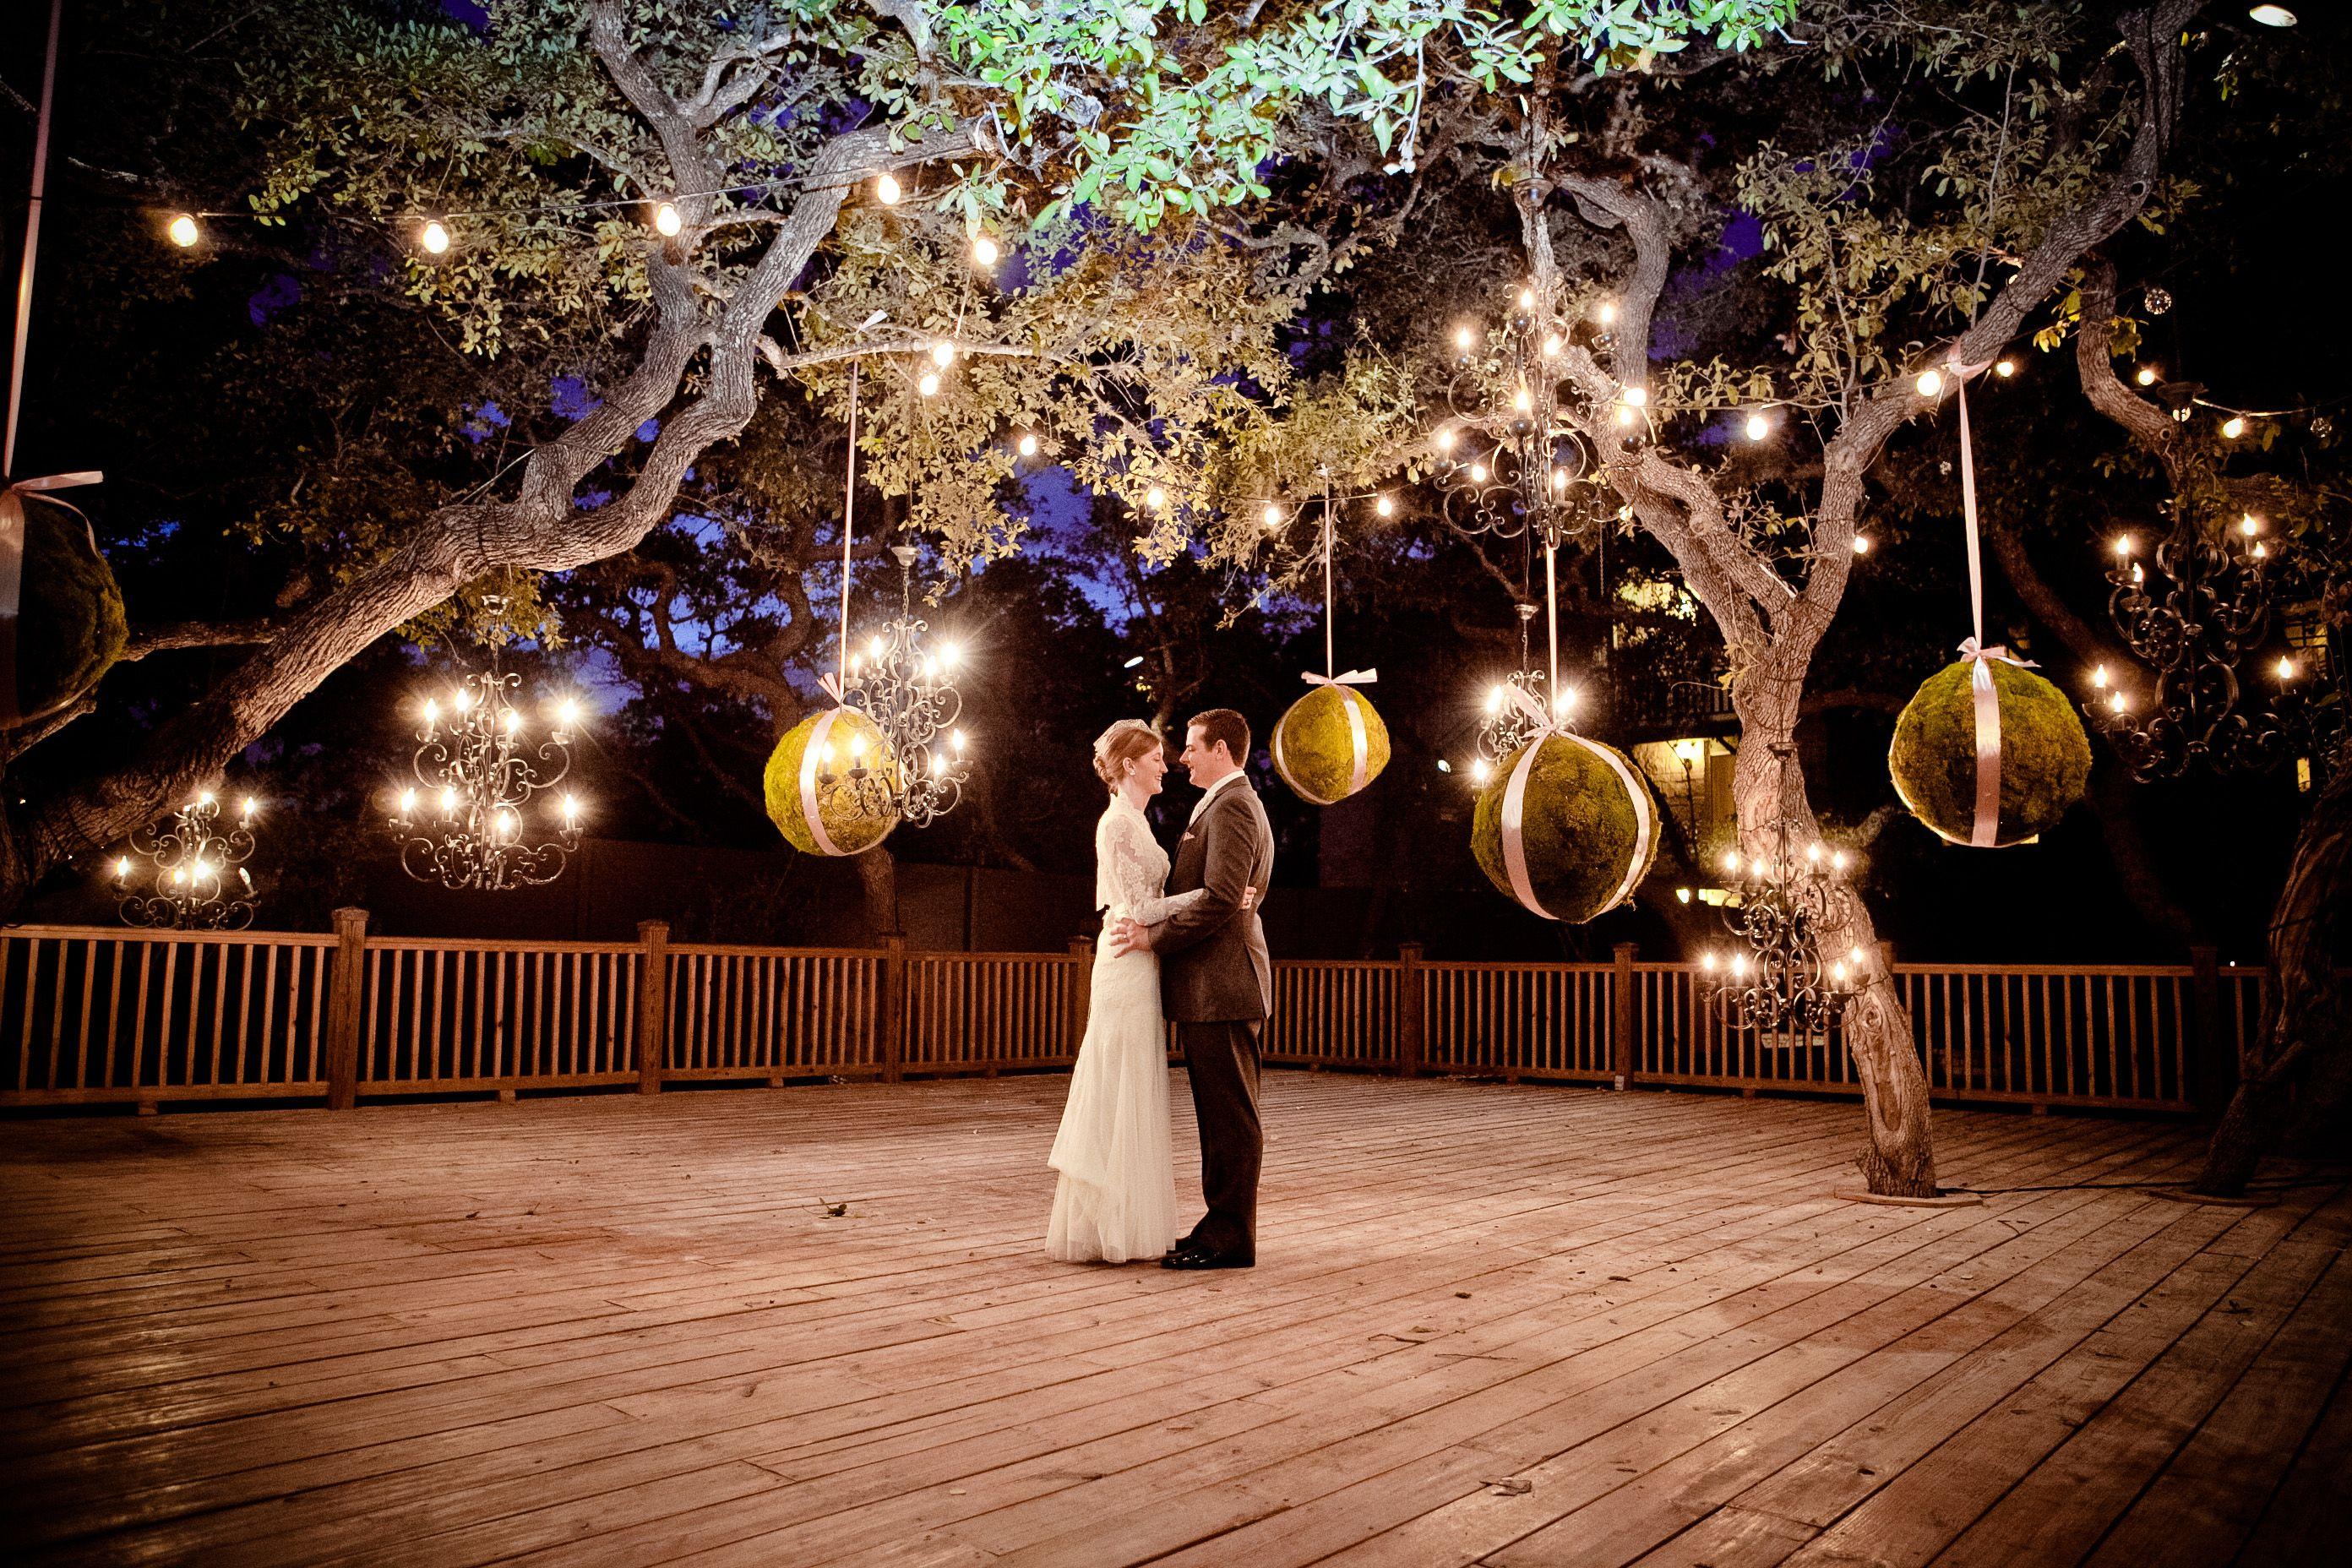 San Antonio Wedding Venues Hill Country Weddings Texas Chic Outdoor In Courtyard Deck